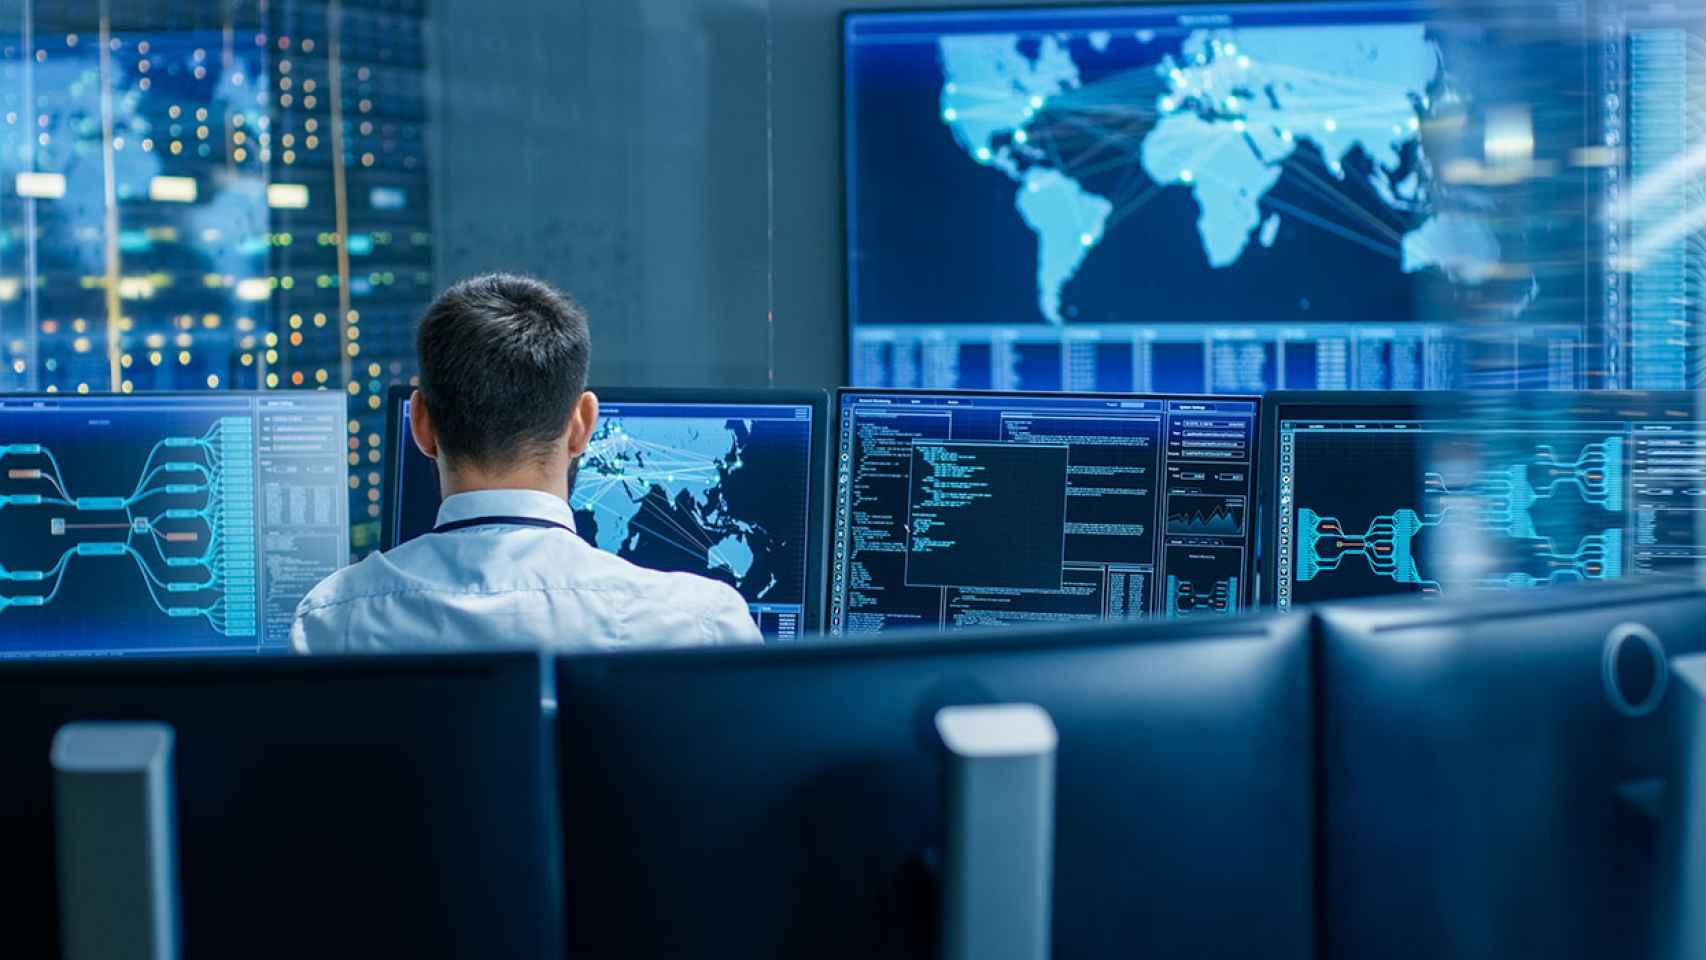 Los convulsos 20 años del DDoS, el primer gran ciberataque múltiple